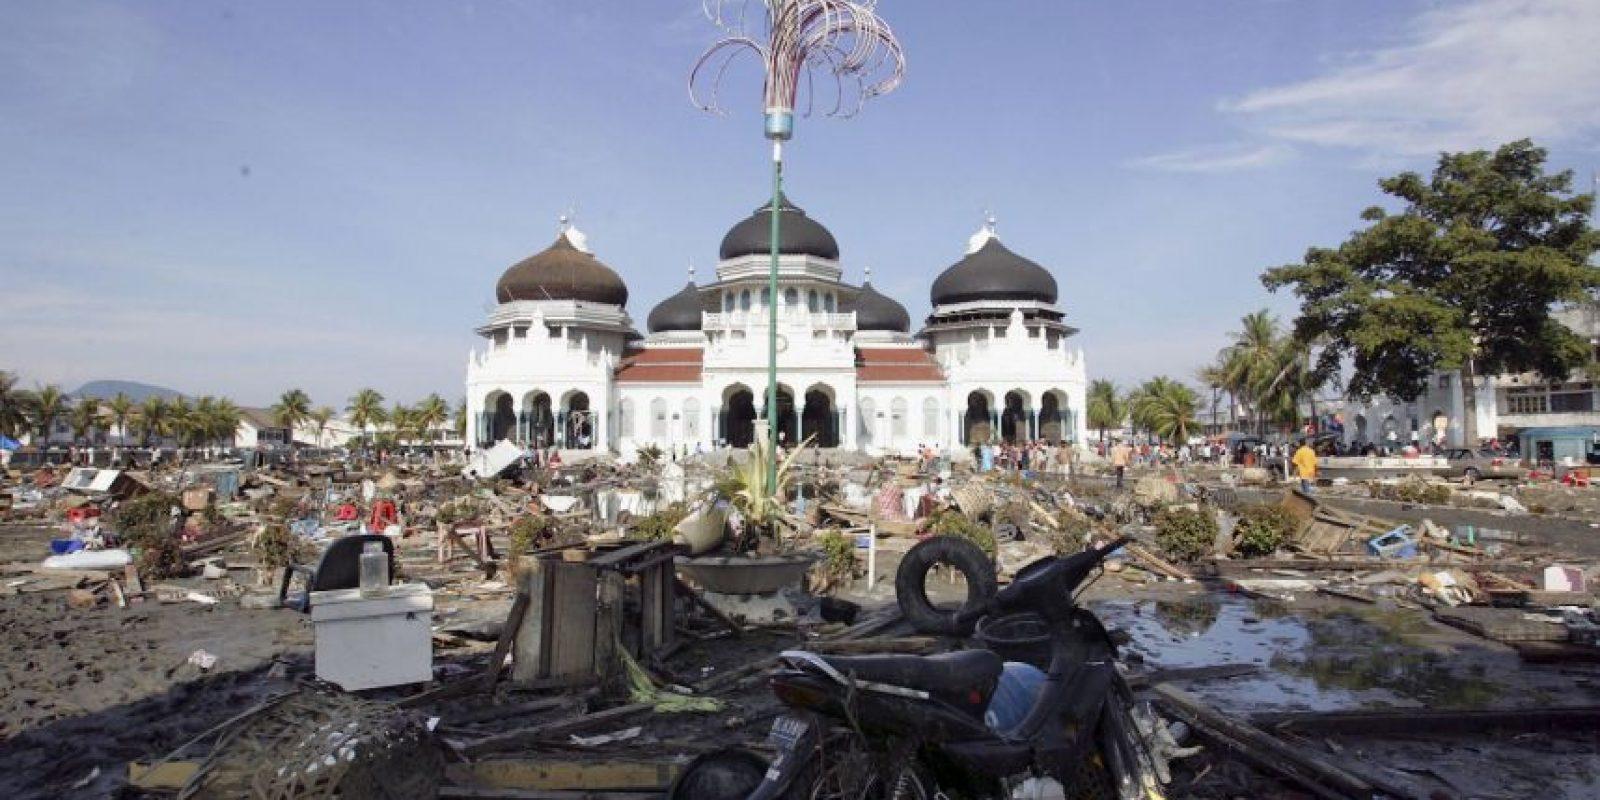 En enero de 2005, un hombre fue encontrado en las ruinas de su casa, once días después del terremoto y tsunami que afectó a diez países del Sudeste de Asia Foto:Getty Images